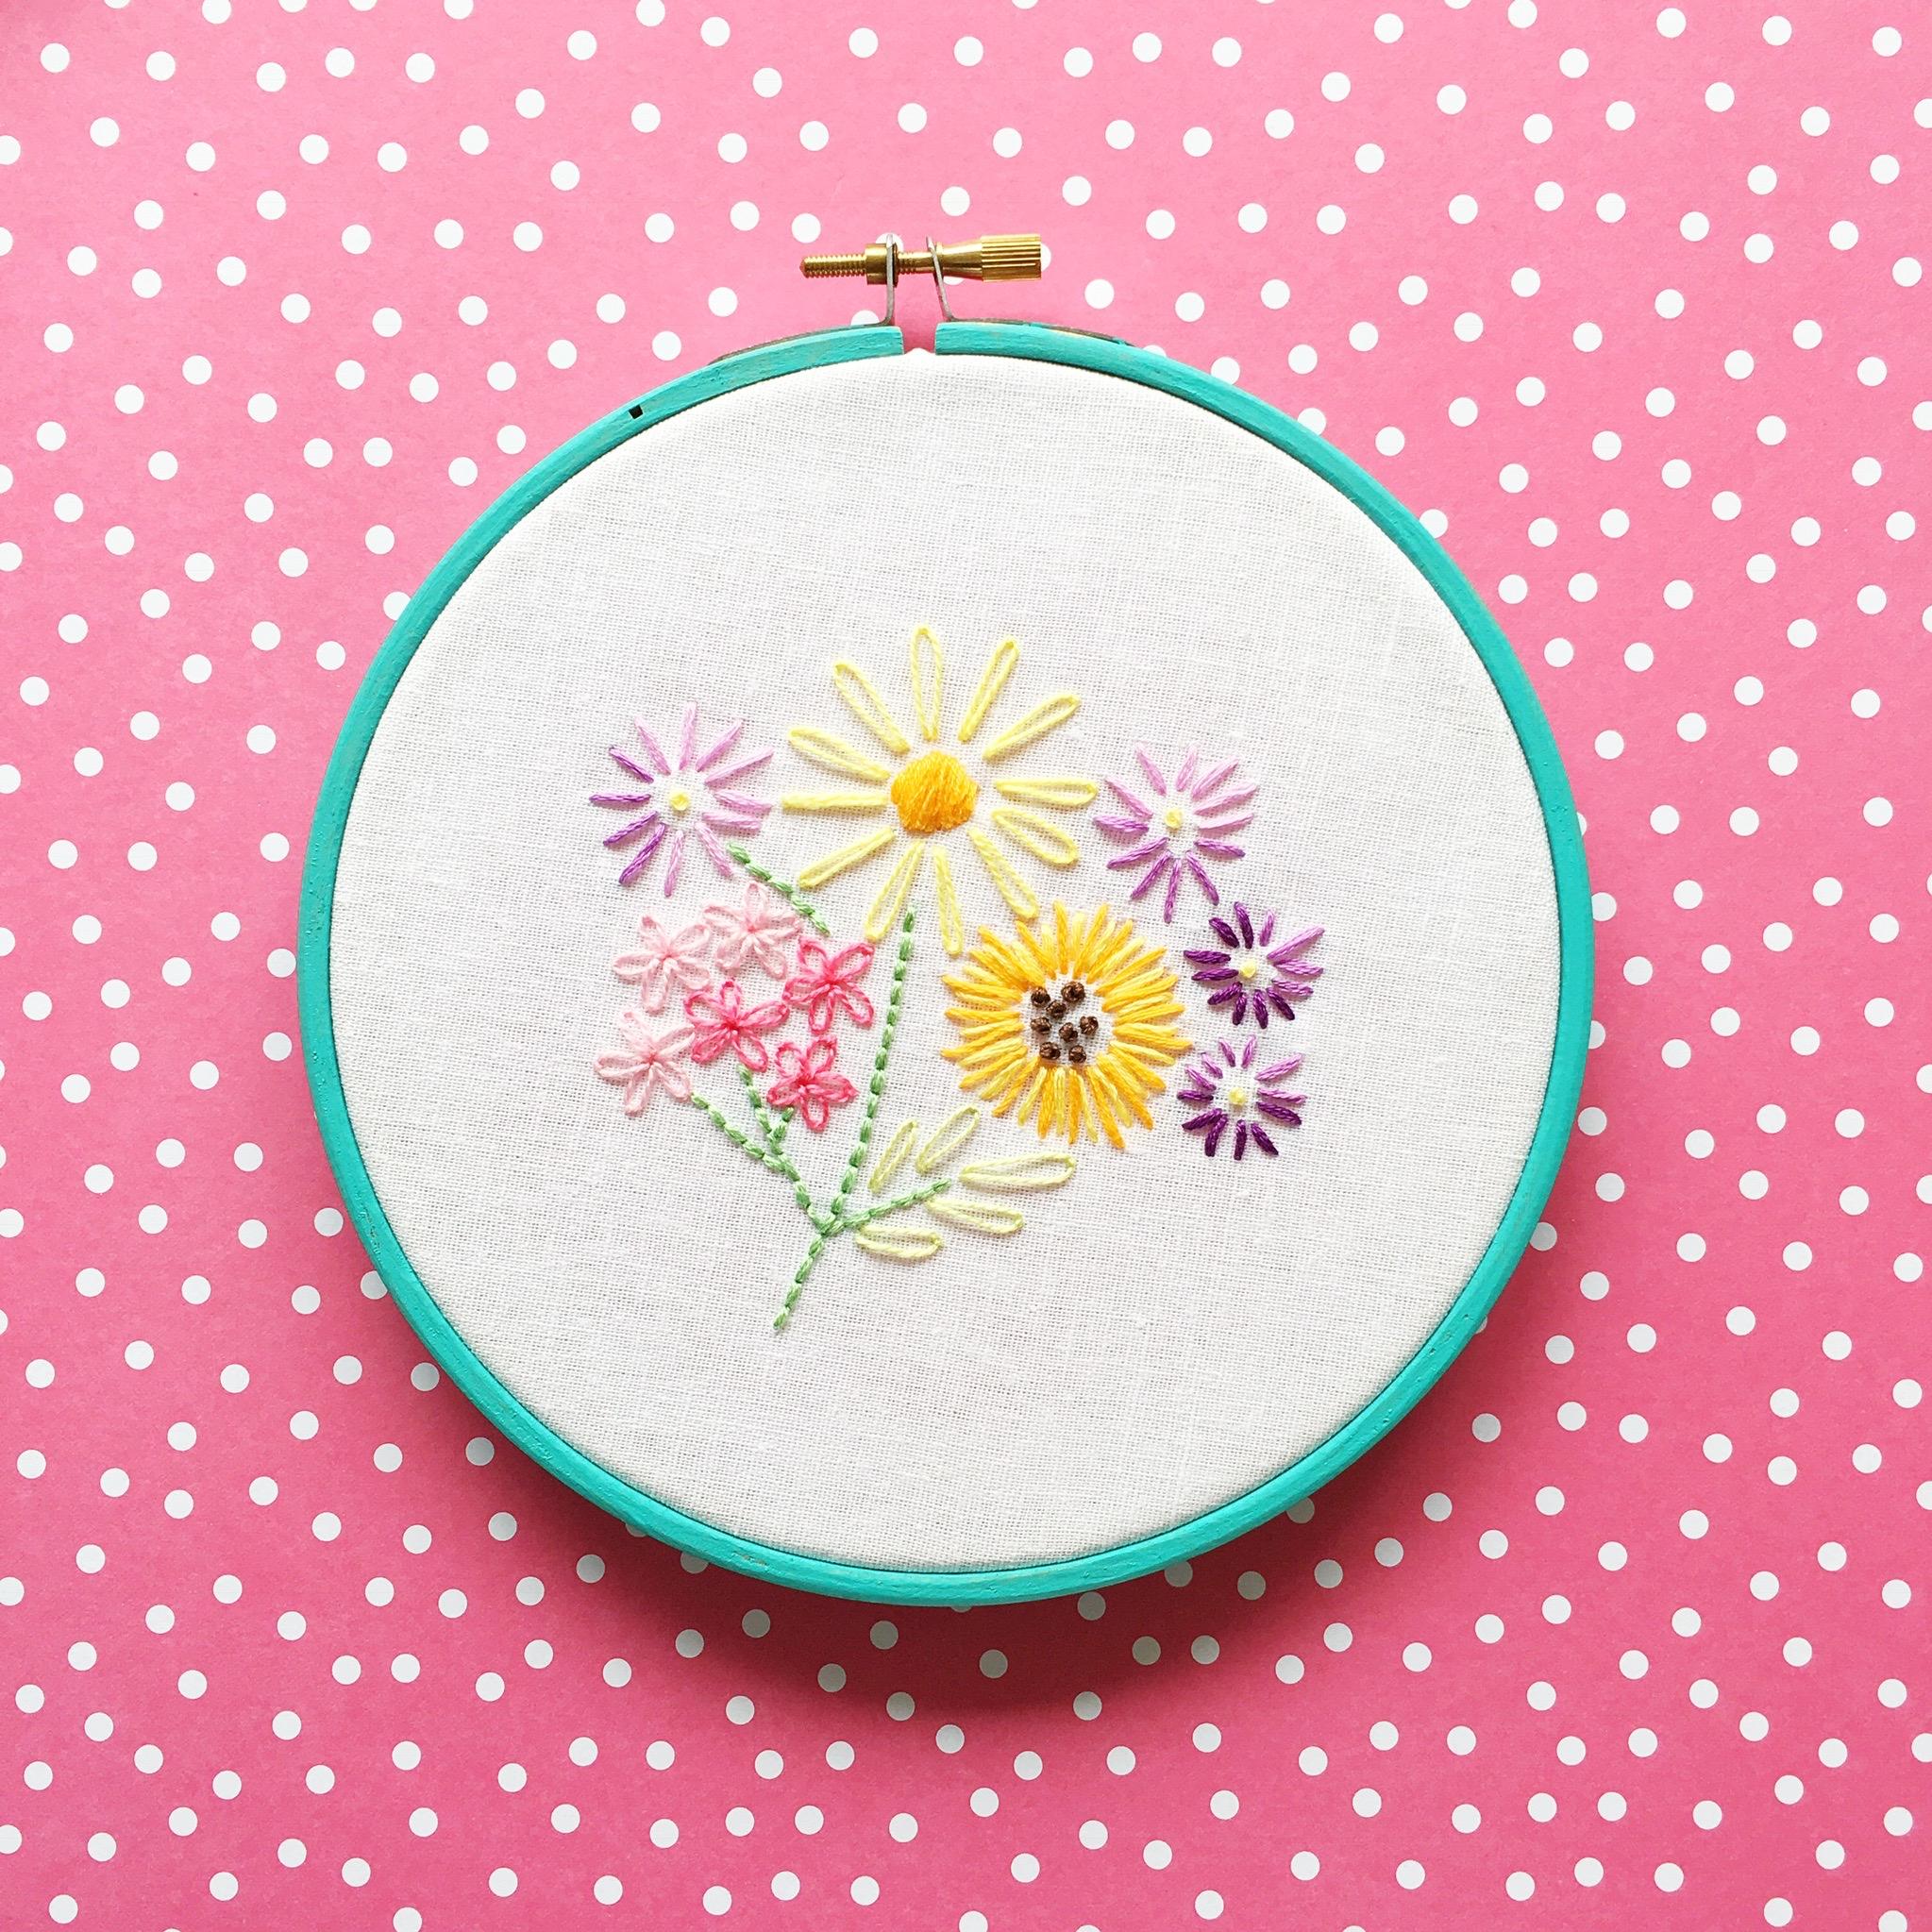 Vintage floral embroidery workshop